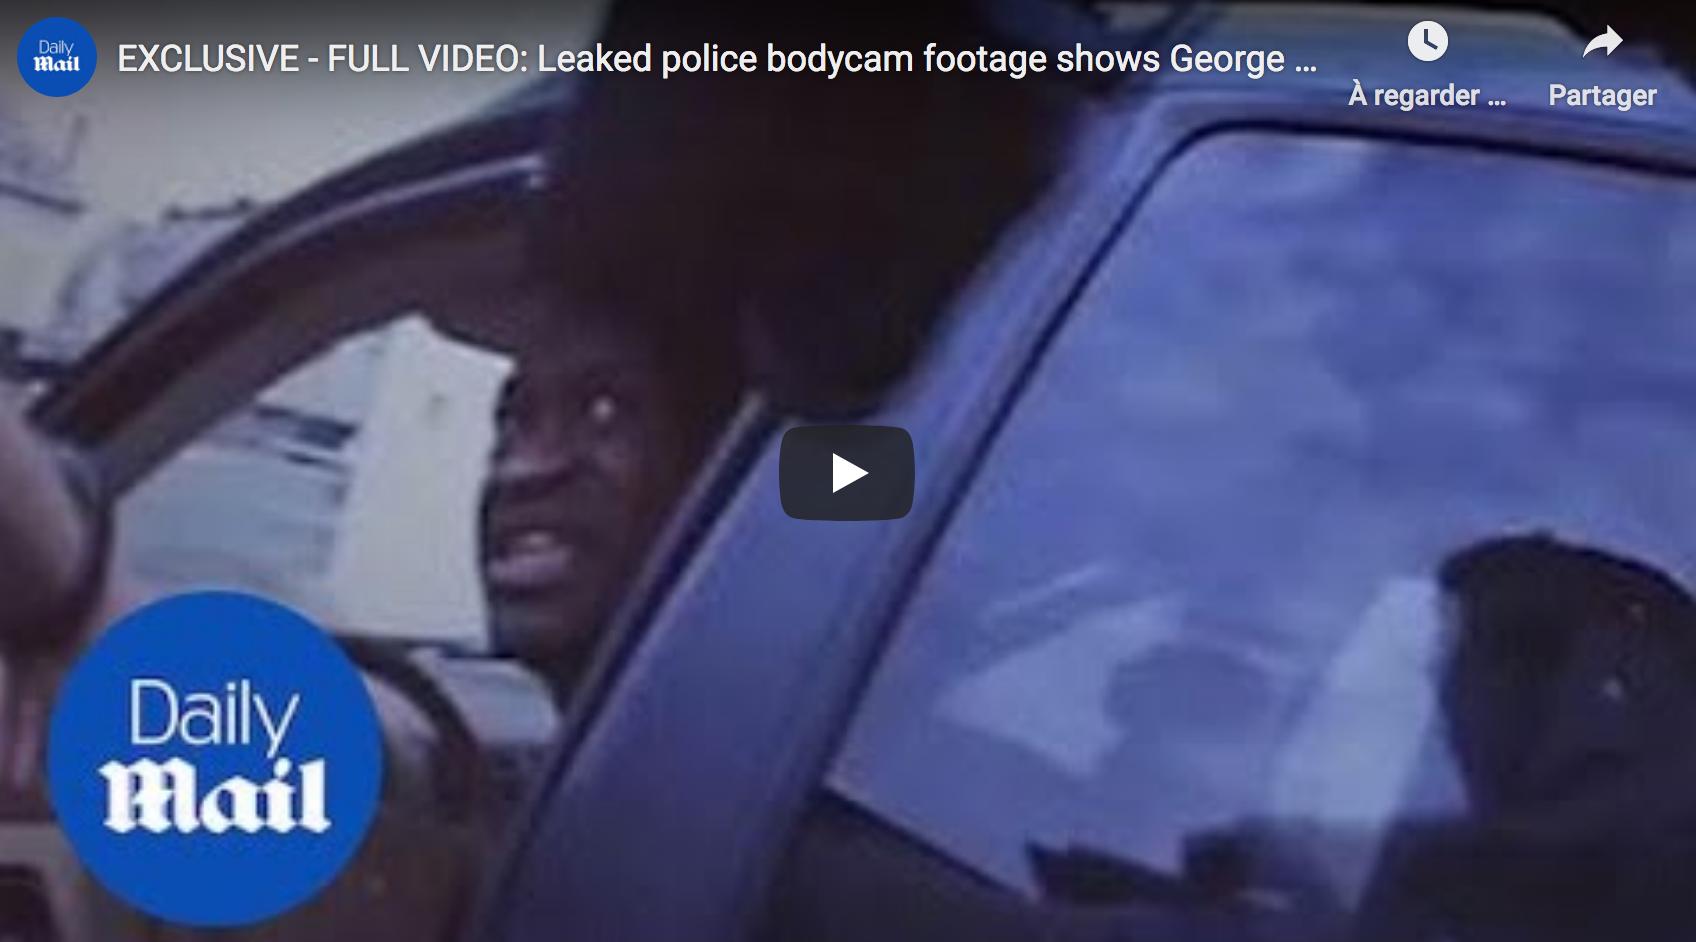 Une nouvelle vidéo donne un éclairage nouveau sur l'affaire Georges Floyd : il résiste et dit qu'il ne peut pas respirer alors qu'il est seulement assis dans la voiture de police